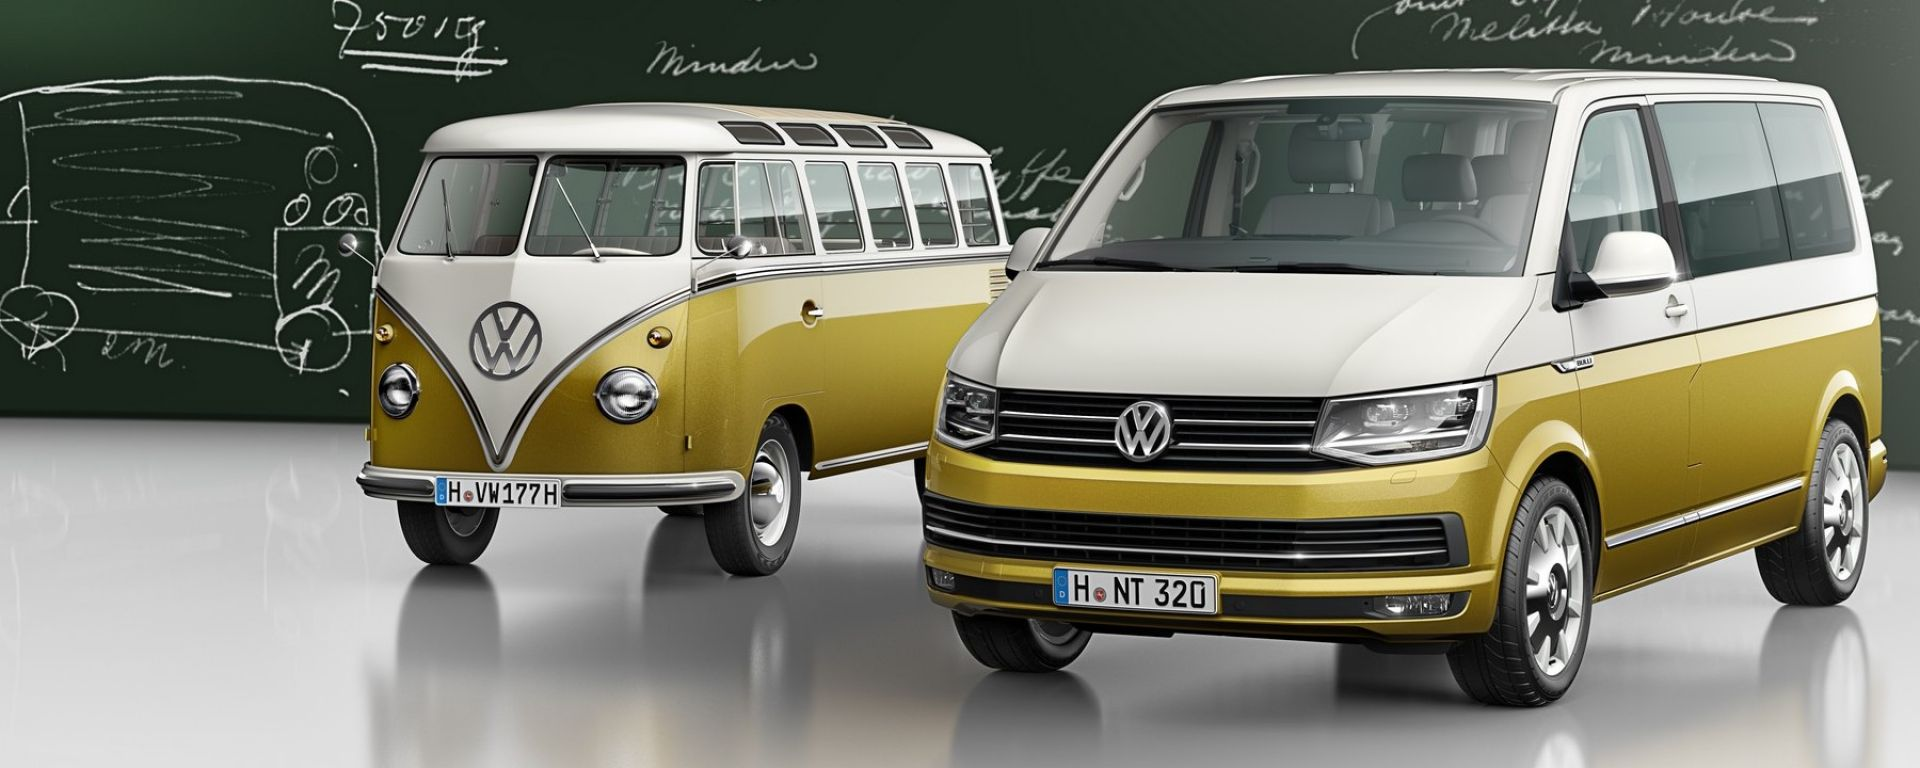 Salone di ginevra 2017 volkswagen bulli 70 anni un po for Furgone anni 70 volkswagen